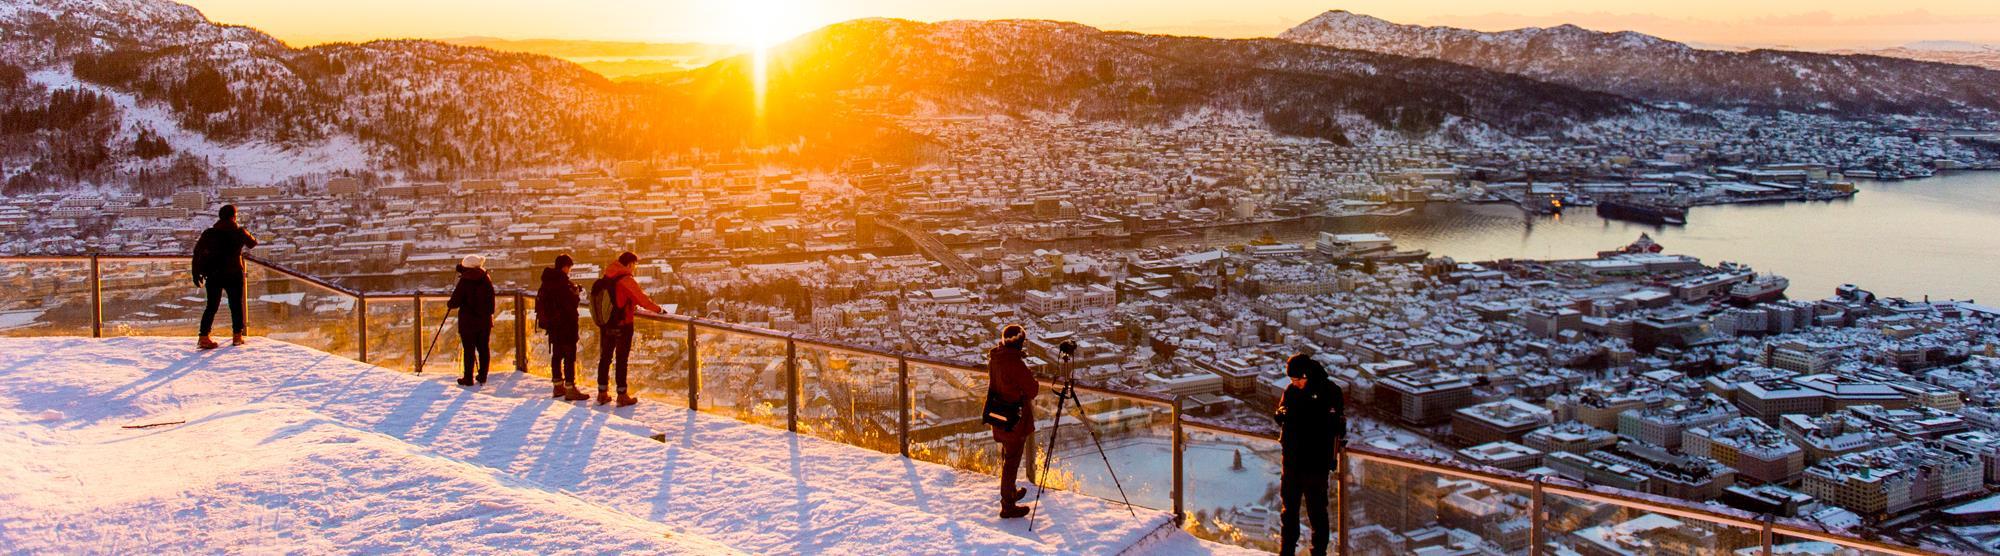 Family activities in winter in Bergen